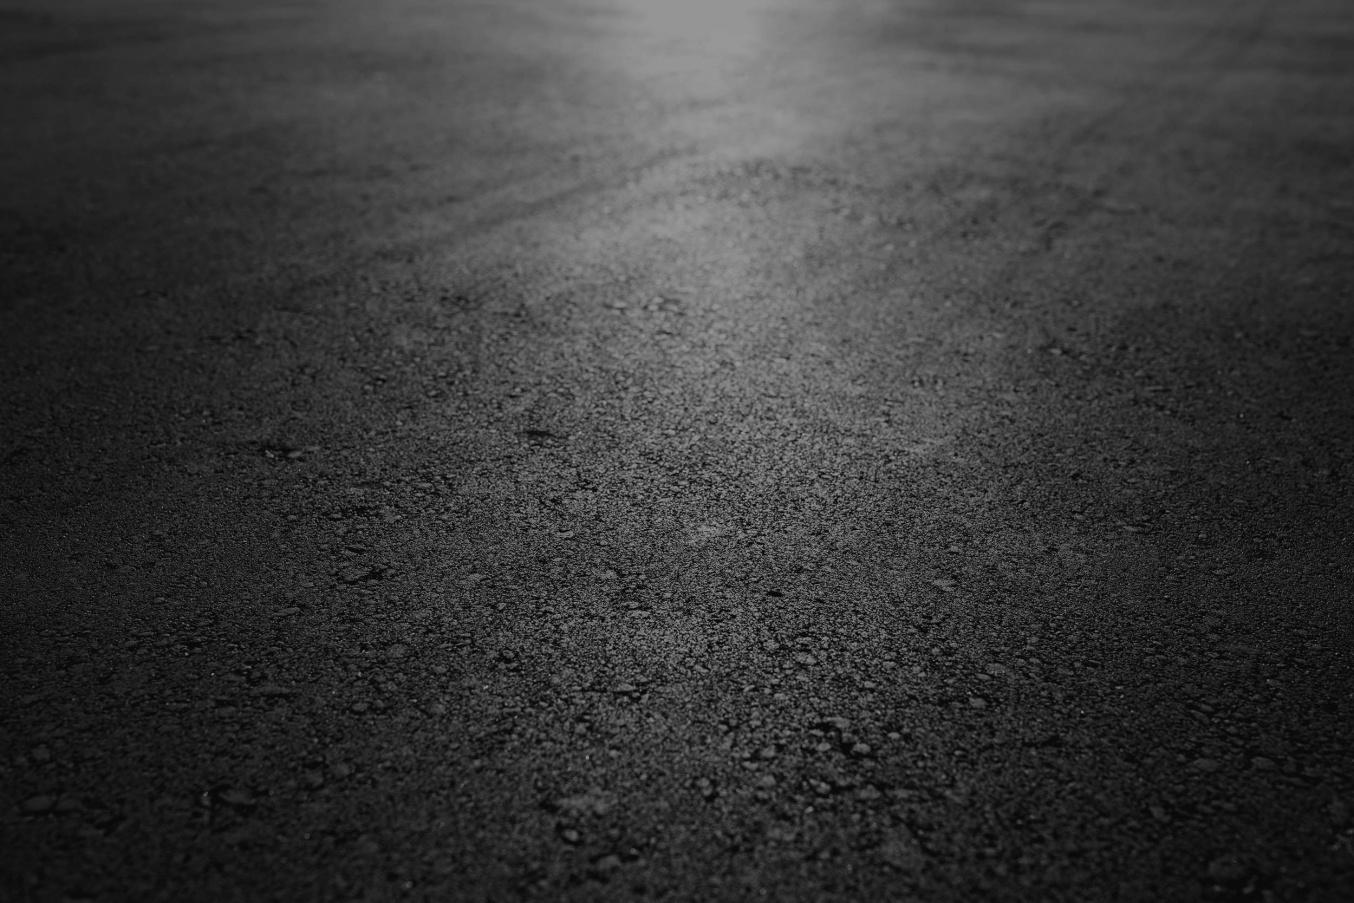 bg-asphalt